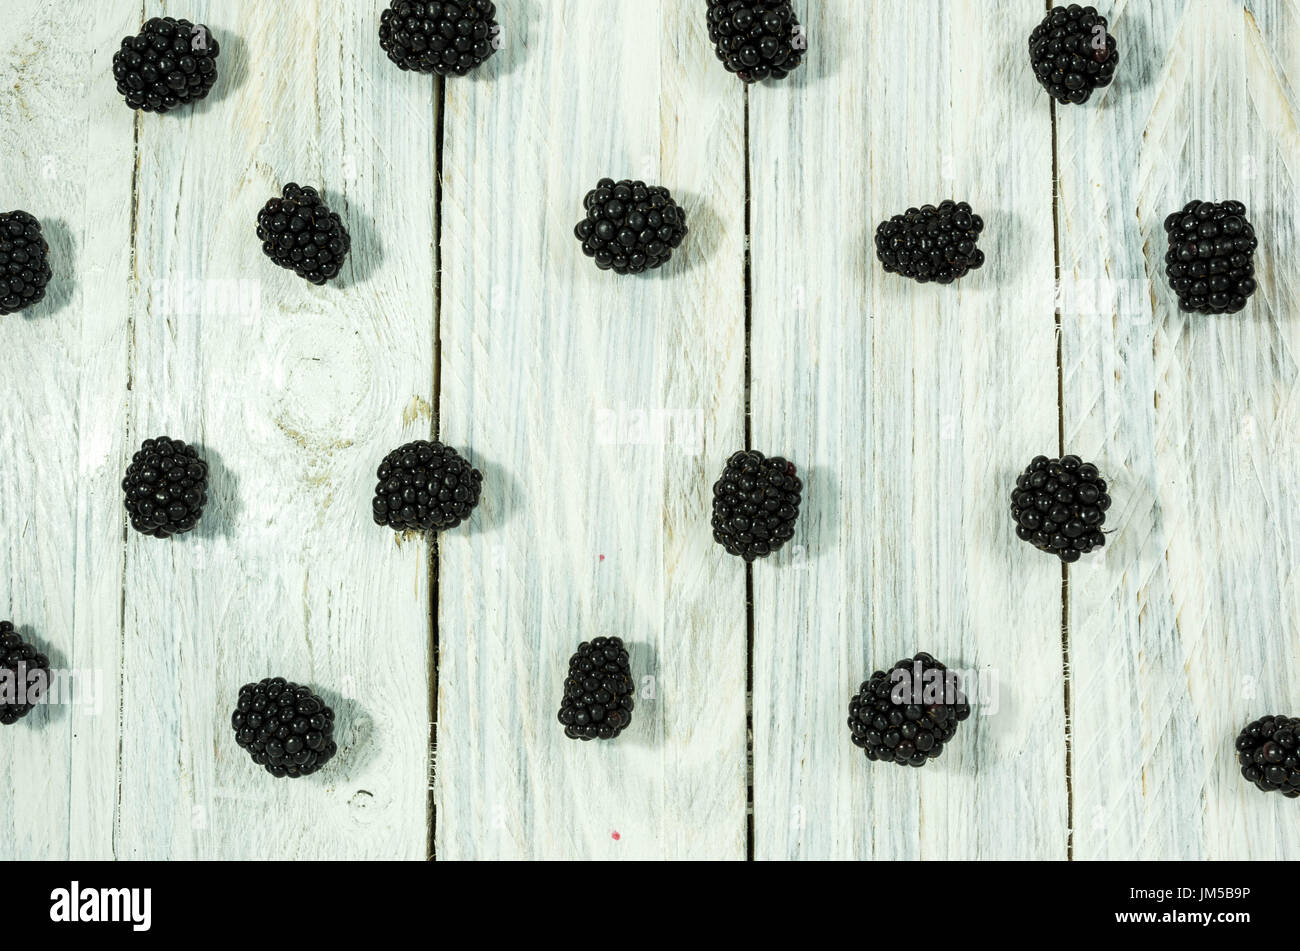 Blackberry sont disposés en une ligne. Mise à plat. Fruits rouges sur un fond blanc. Photo Stock